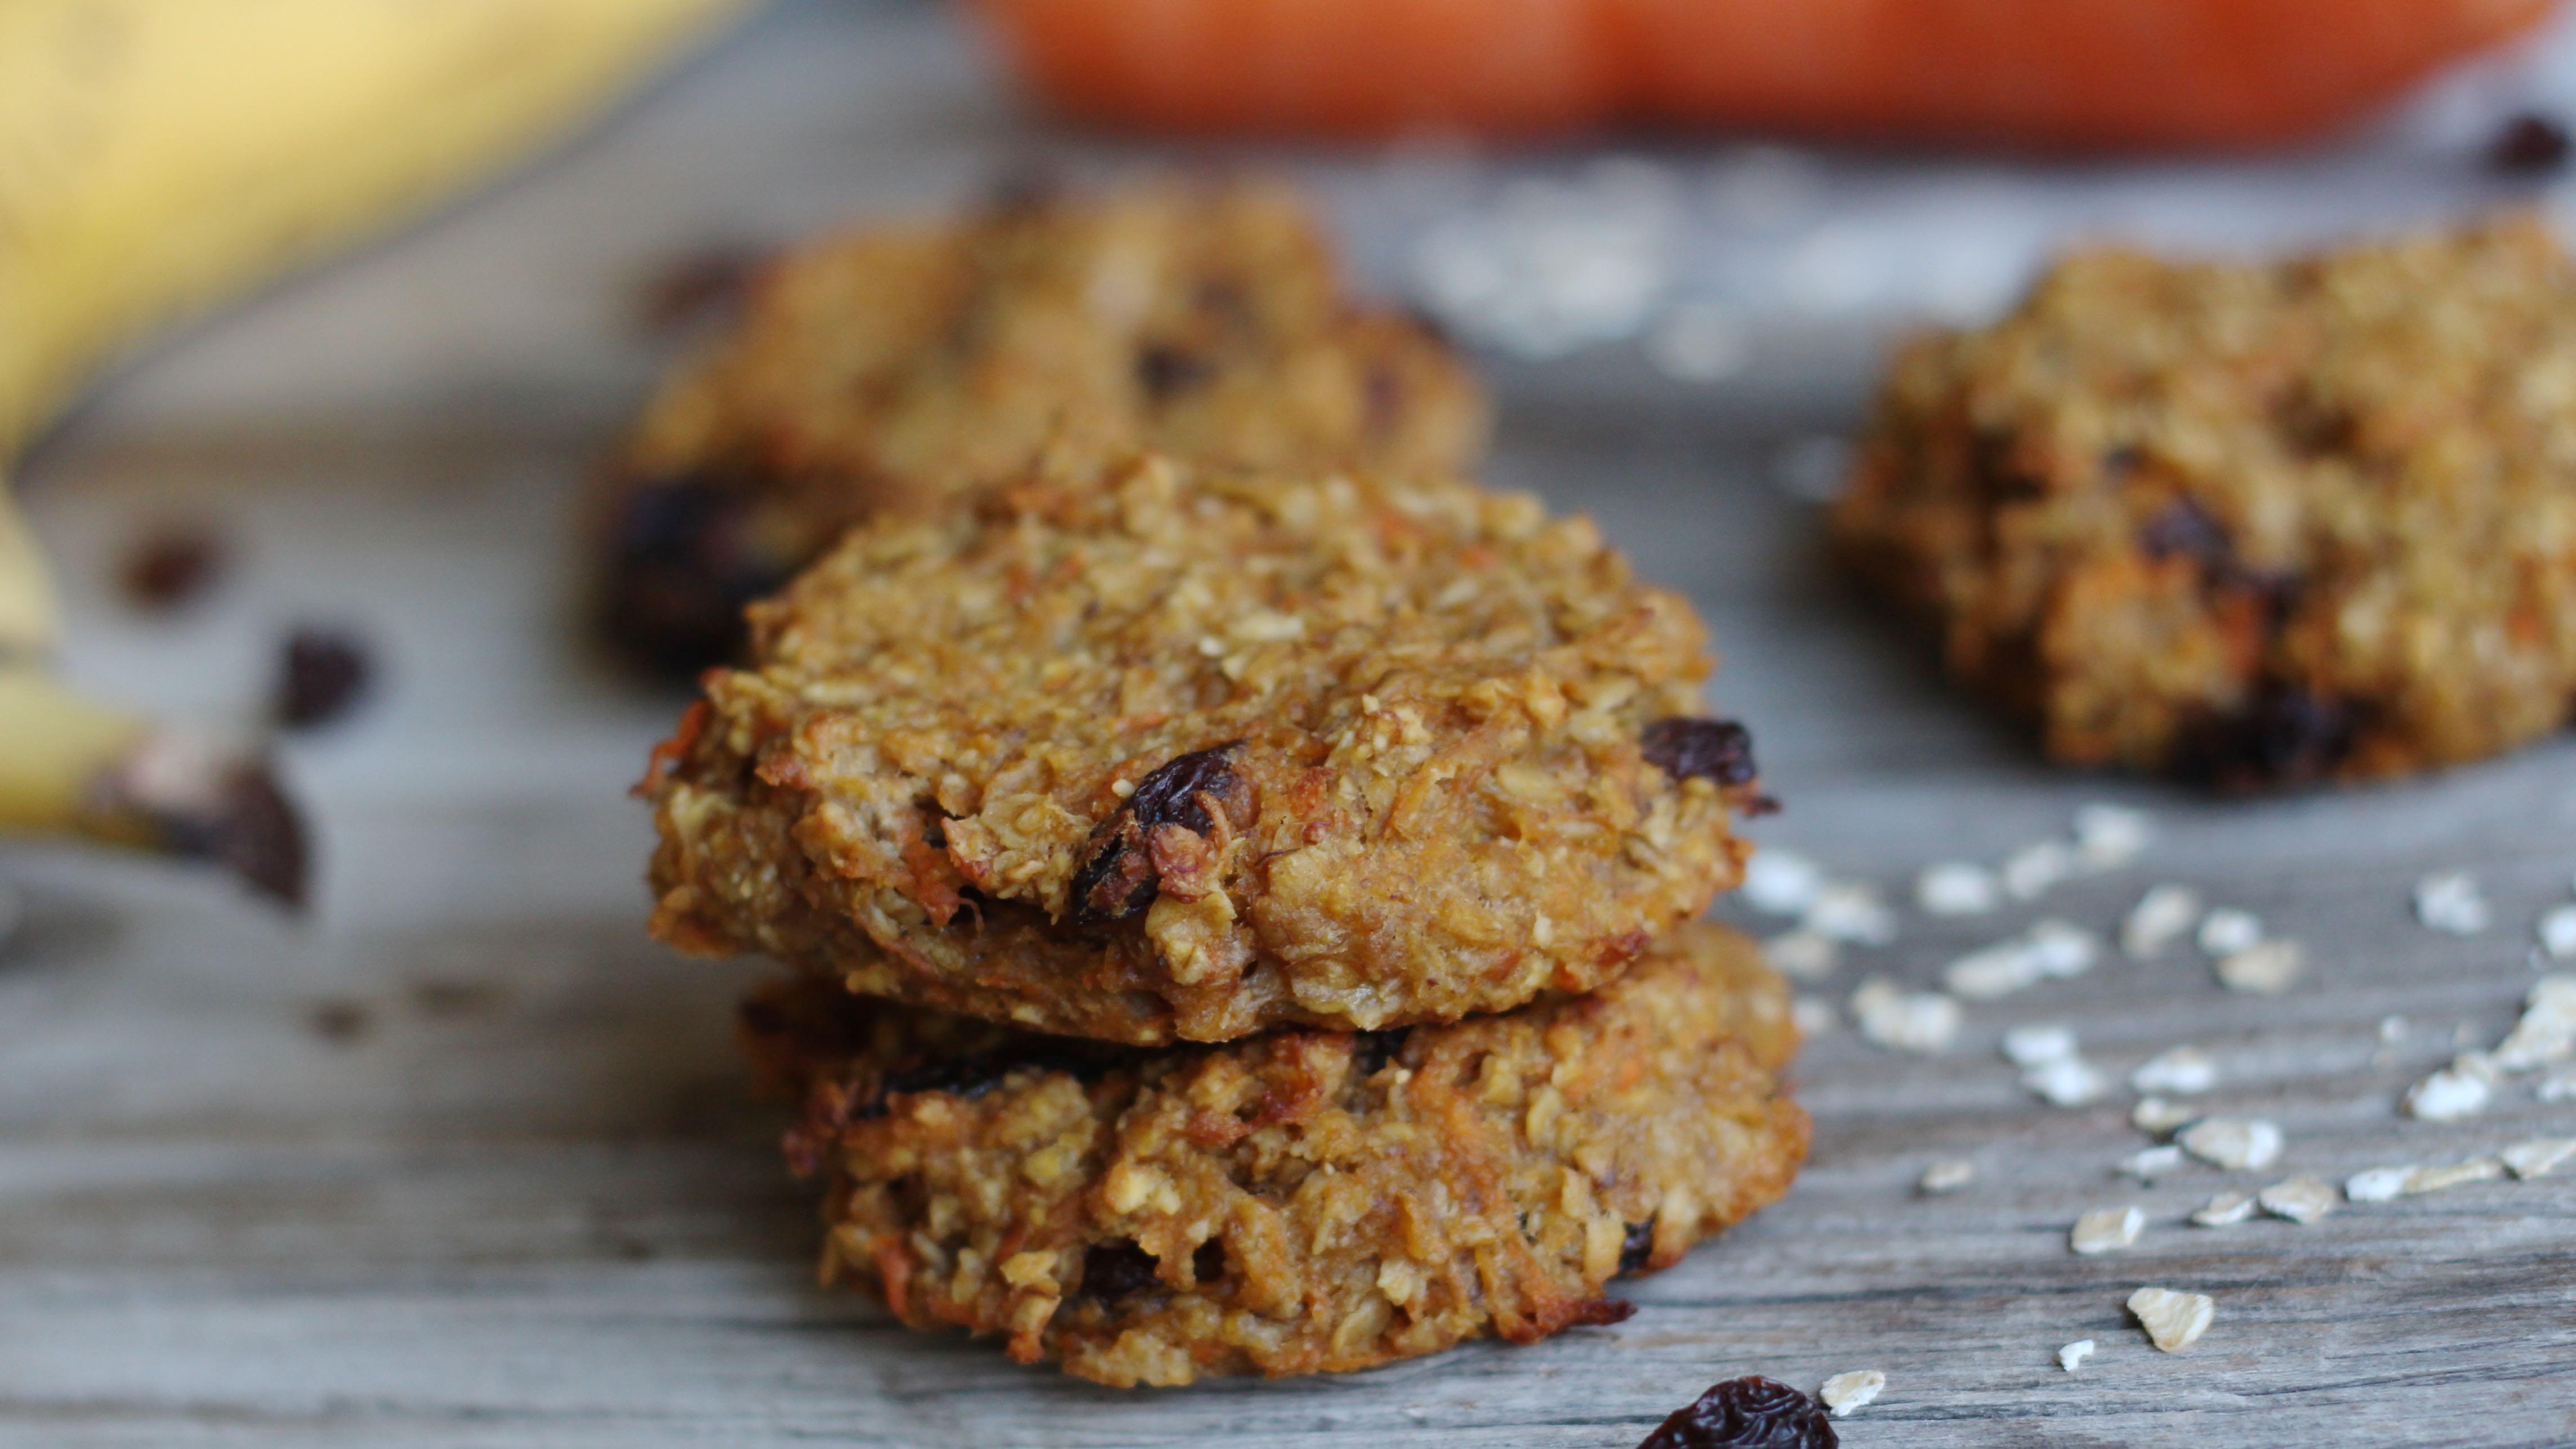 karotten apfel cookies ohne zucker ohne mehl gesund und lecker mrs flury gesund essen. Black Bedroom Furniture Sets. Home Design Ideas